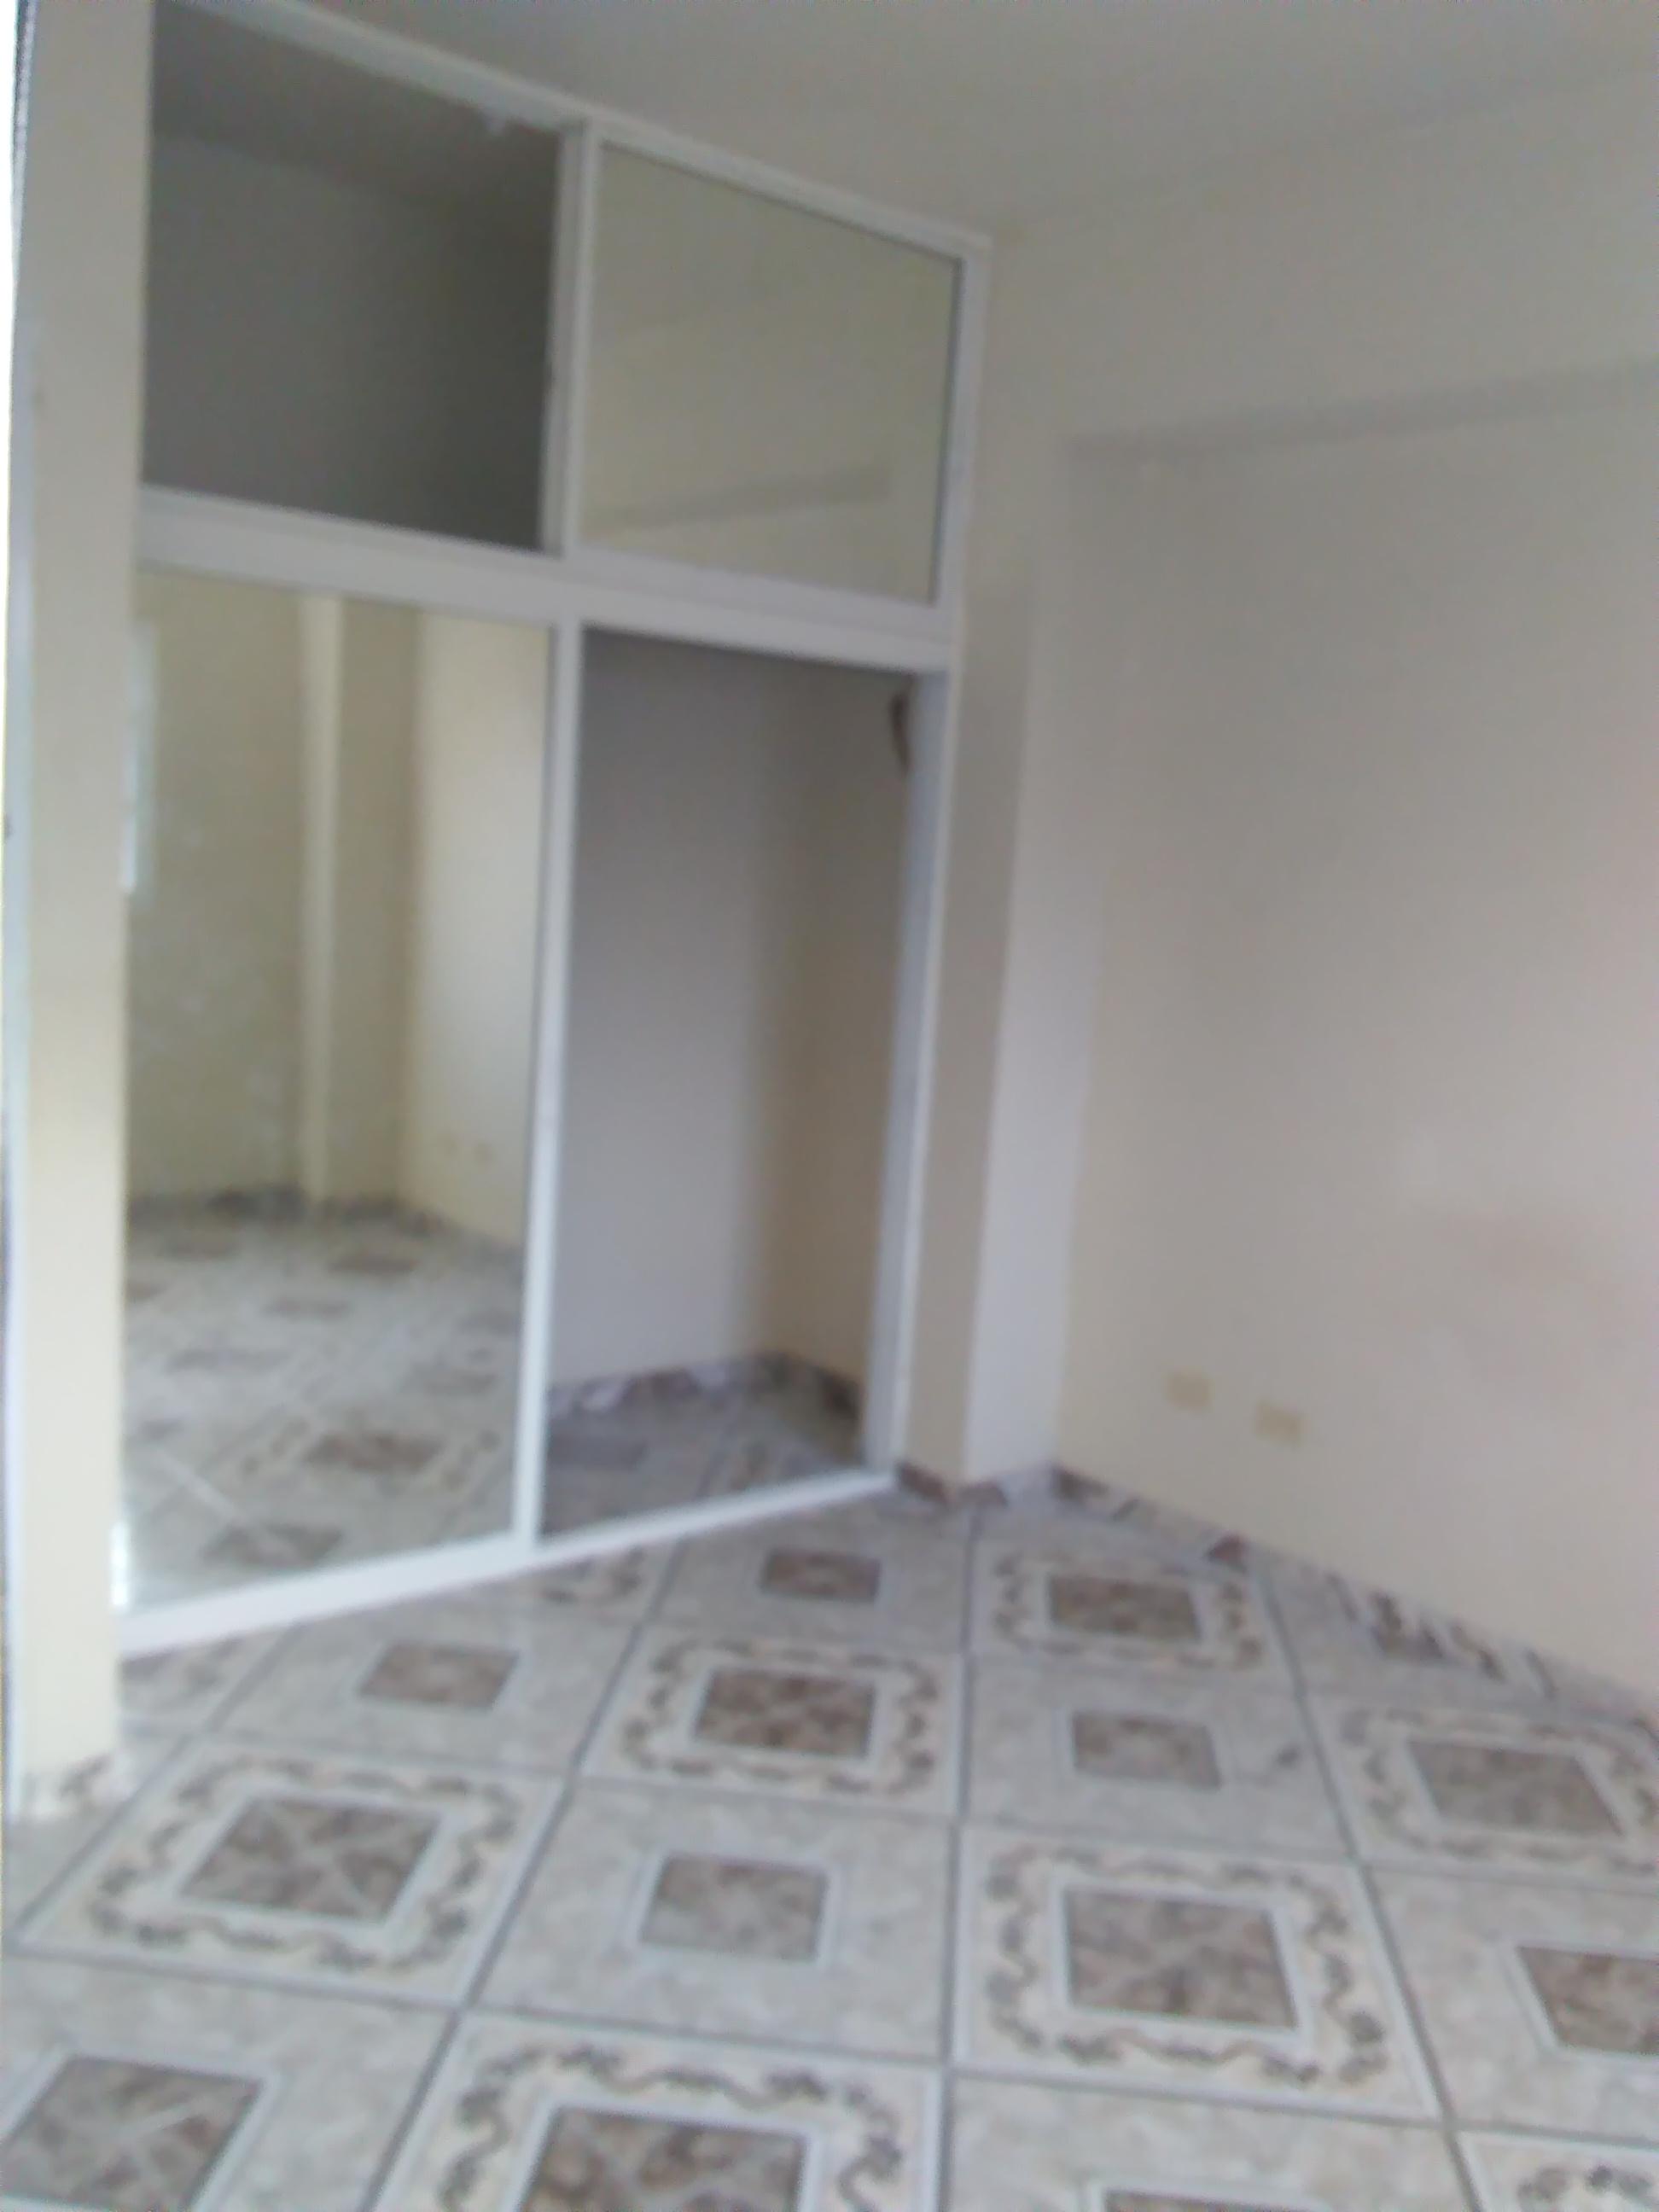 Alquiler apartamento sin amueblar, Gazcue, Zona Colonial